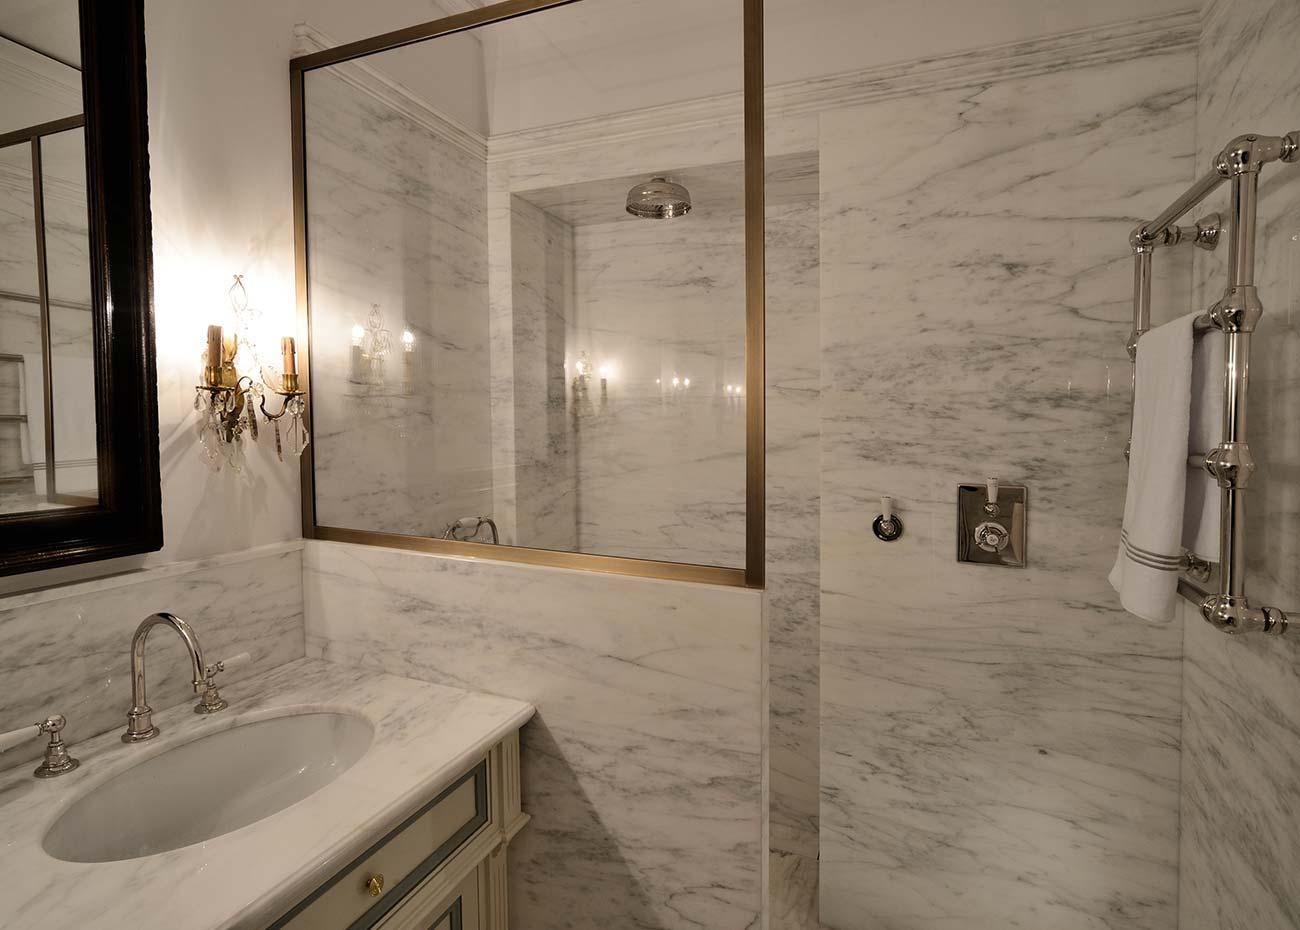 appartamento-a-cernobbio-rivestimenti-in-marmo